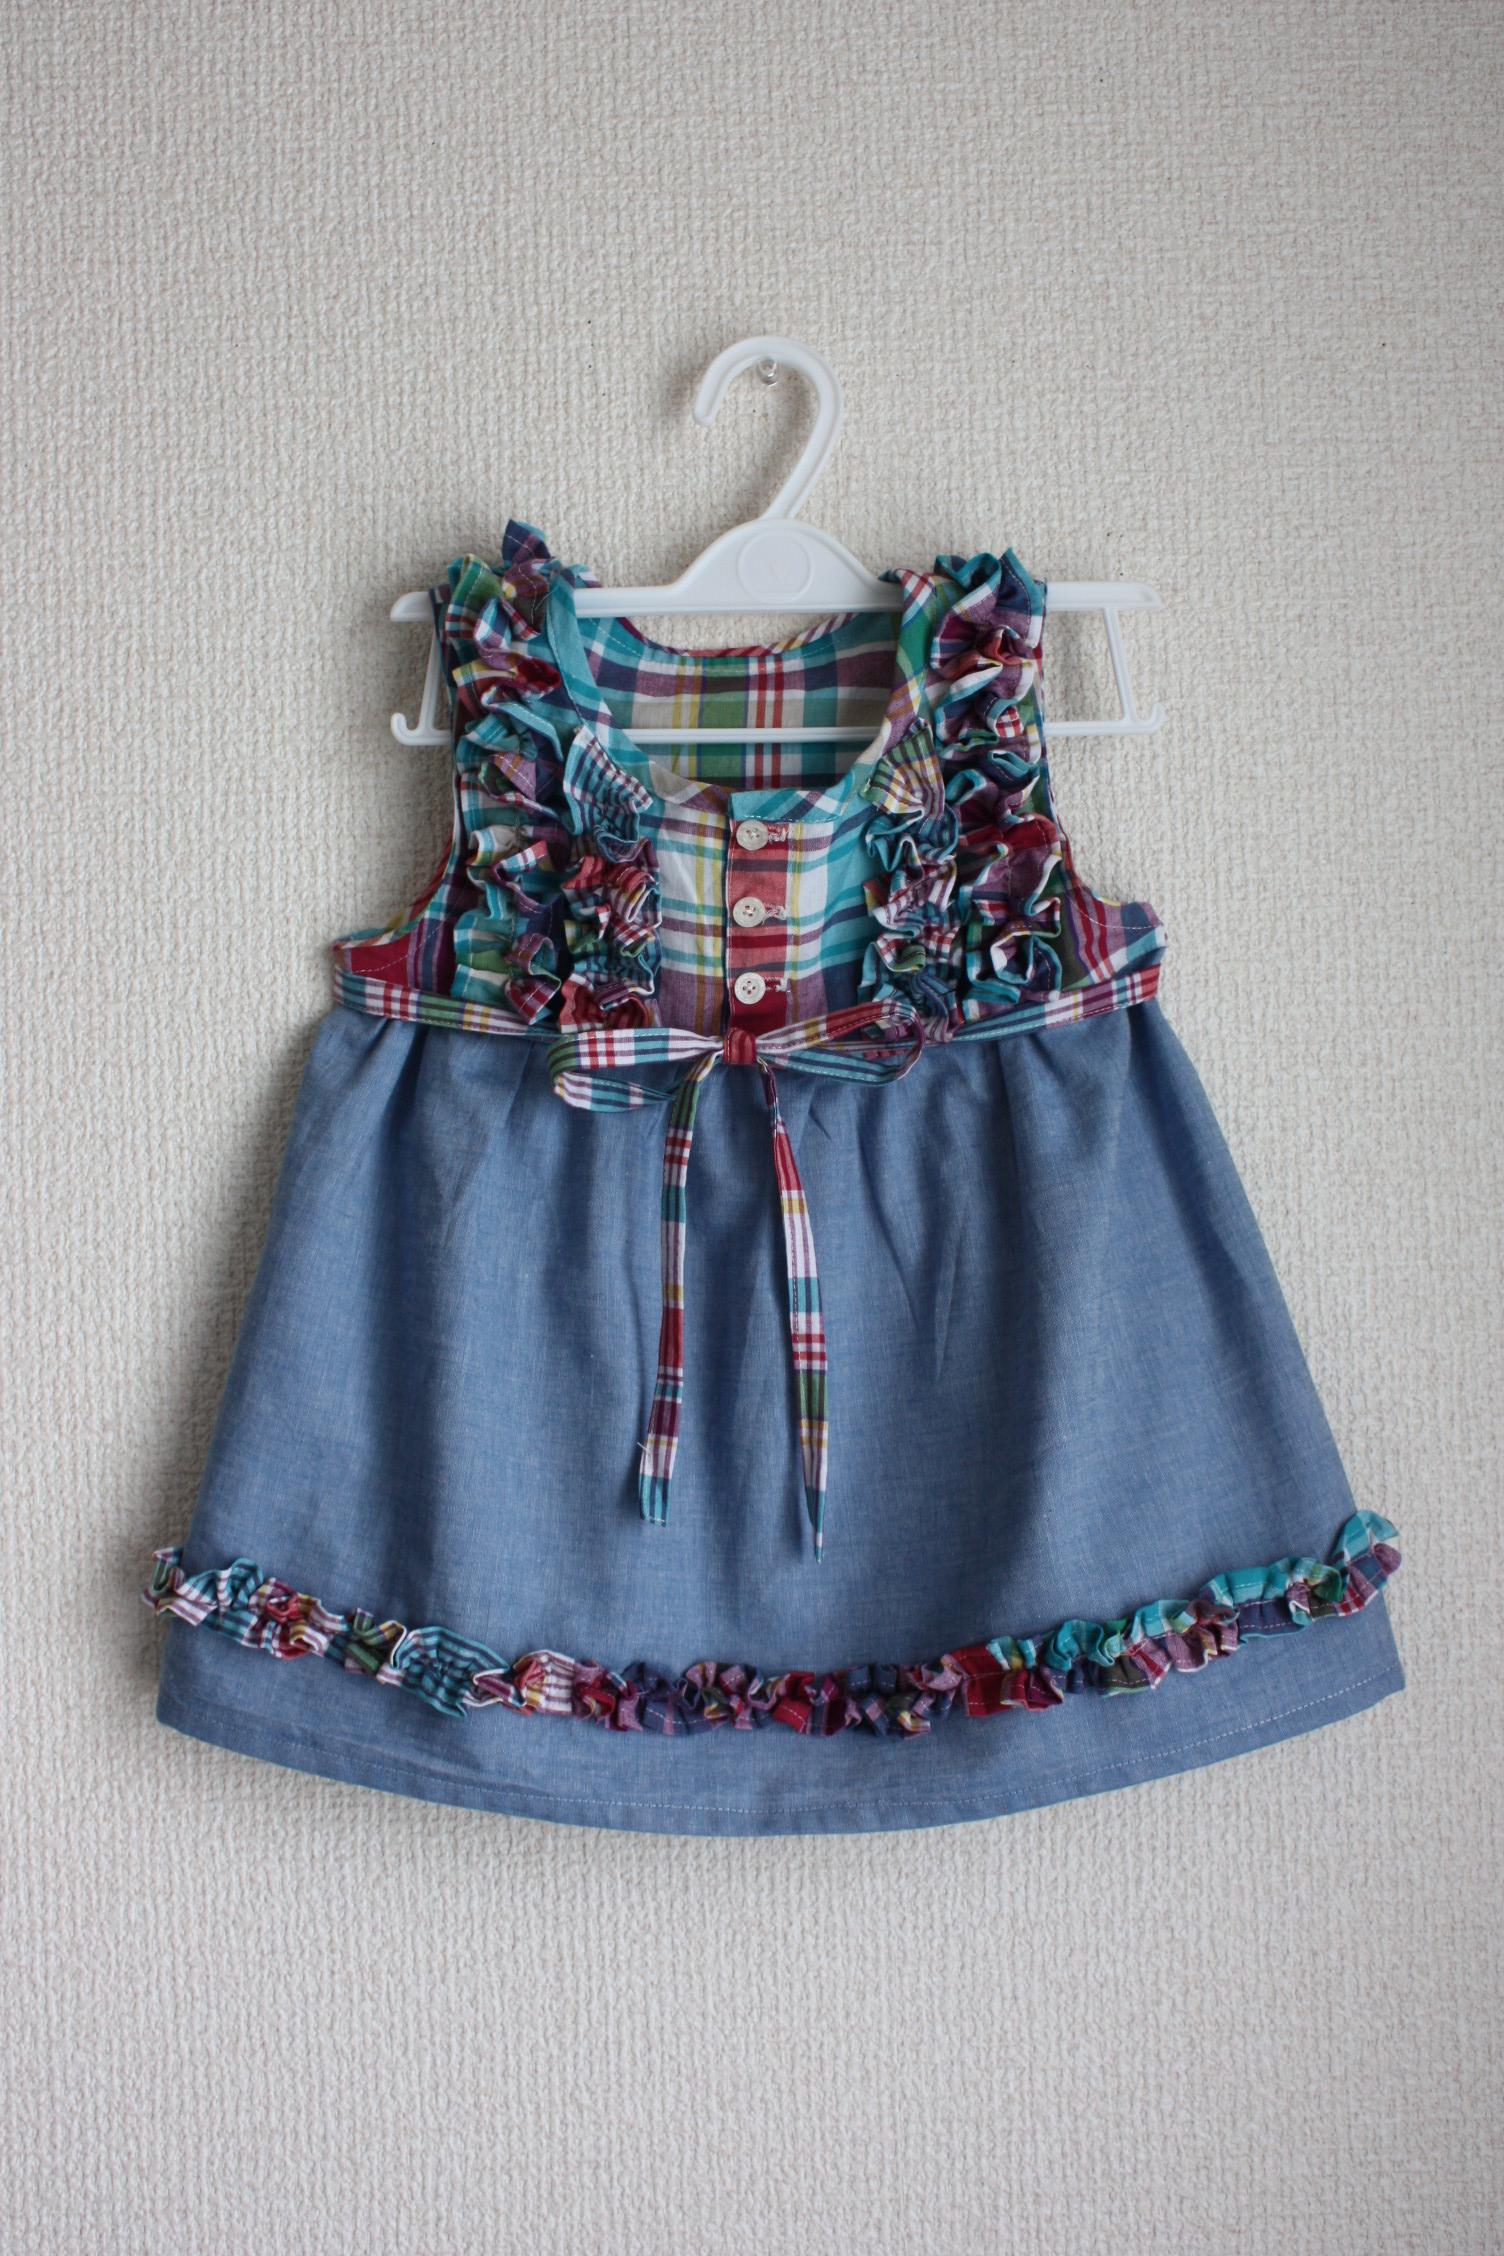 初心者でも大丈夫!?ステキな子供服をハンドメイドしてみたいなのサムネイル画像